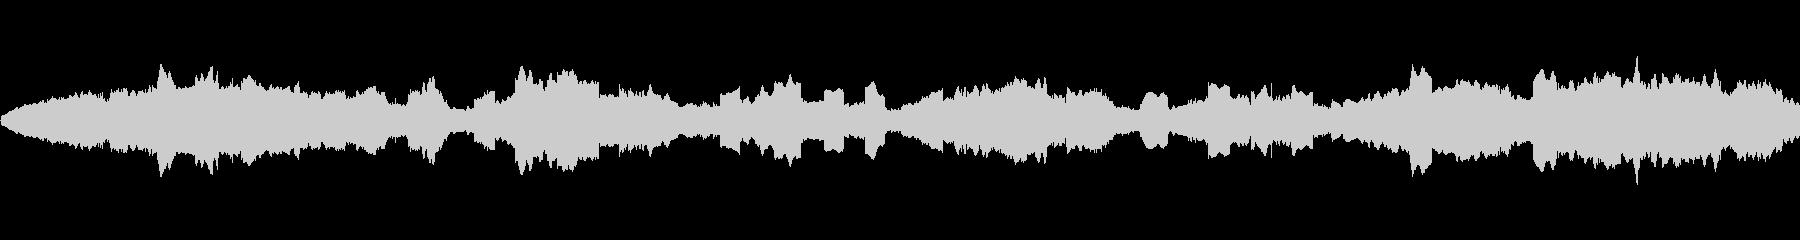 ピーピコピコピー… (宇宙空間のSE)の未再生の波形